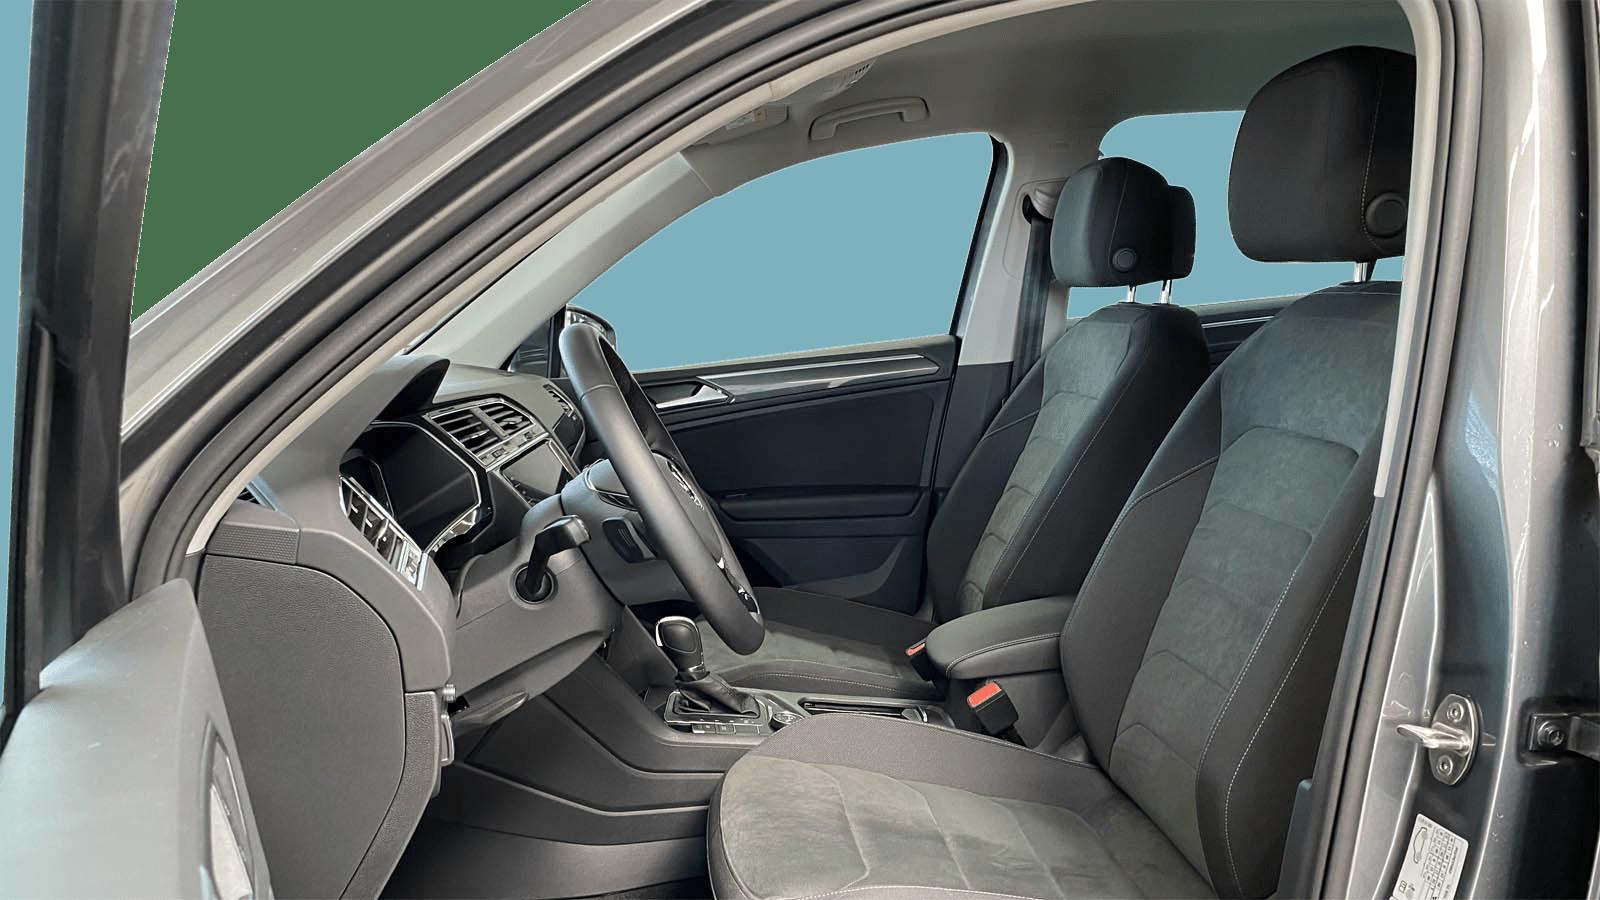 VW Tiguan Grau interior - Clyde Auto-Abo